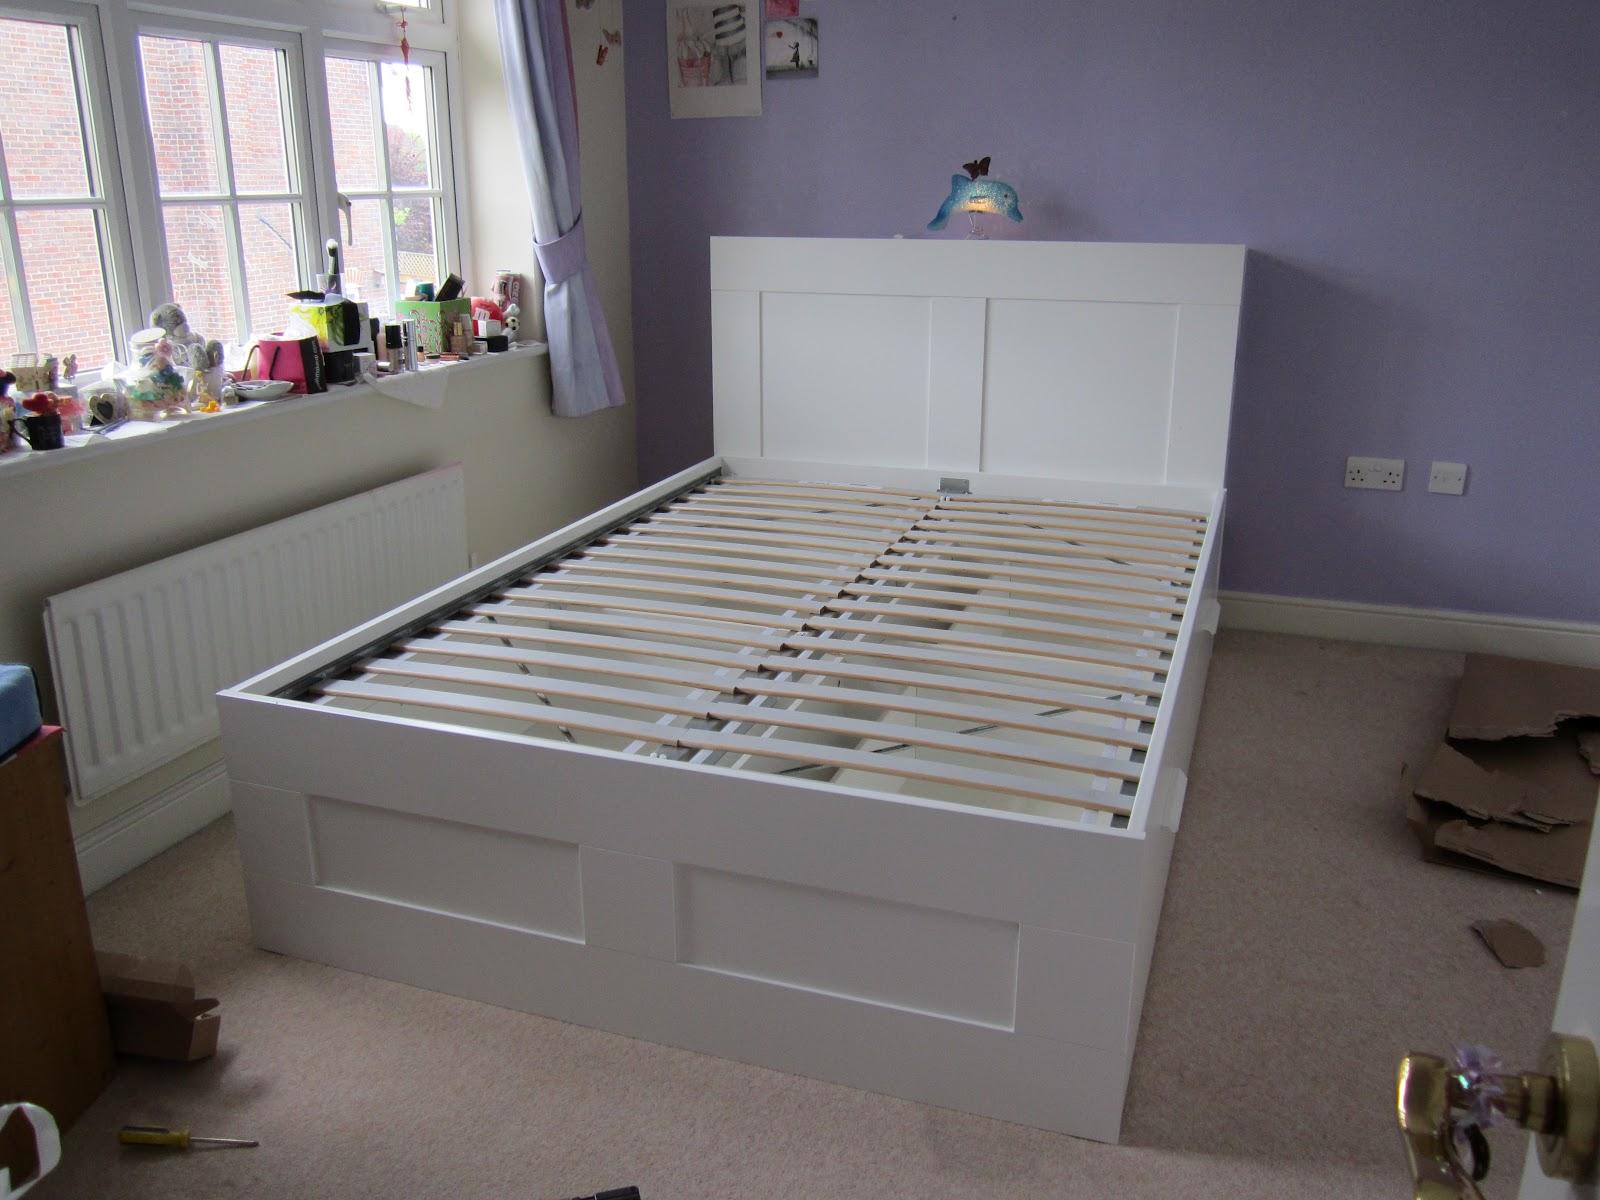 Ƹ̵̡Ӝ̵̨̄Ʒ What Do Stars Do Ƹ̵̡Ӝ̵̨̄Ʒ I built my bed